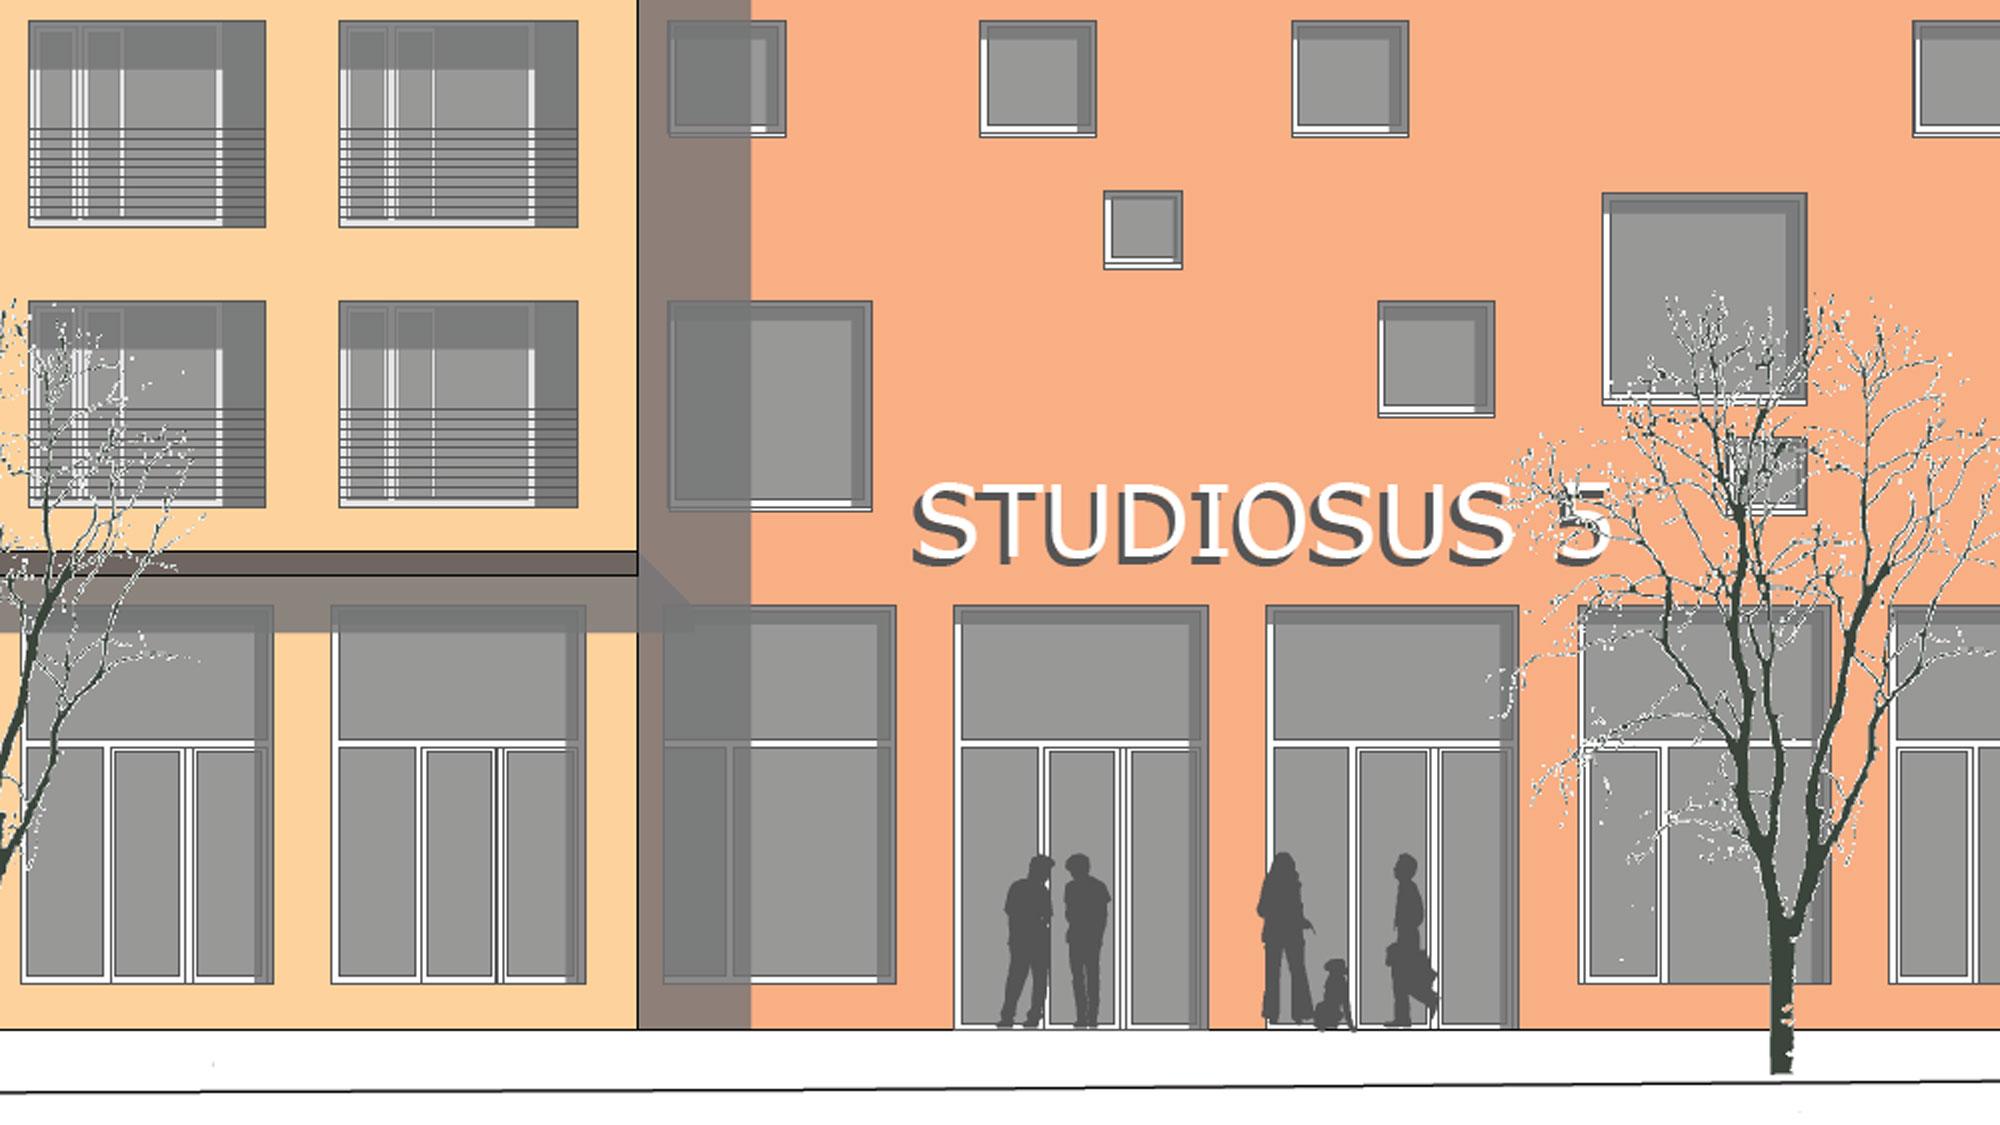 Skizze der Außenansicht Neubauprojekt Studiosus 5 in Augsburg mit modernen Studentenwohnungen